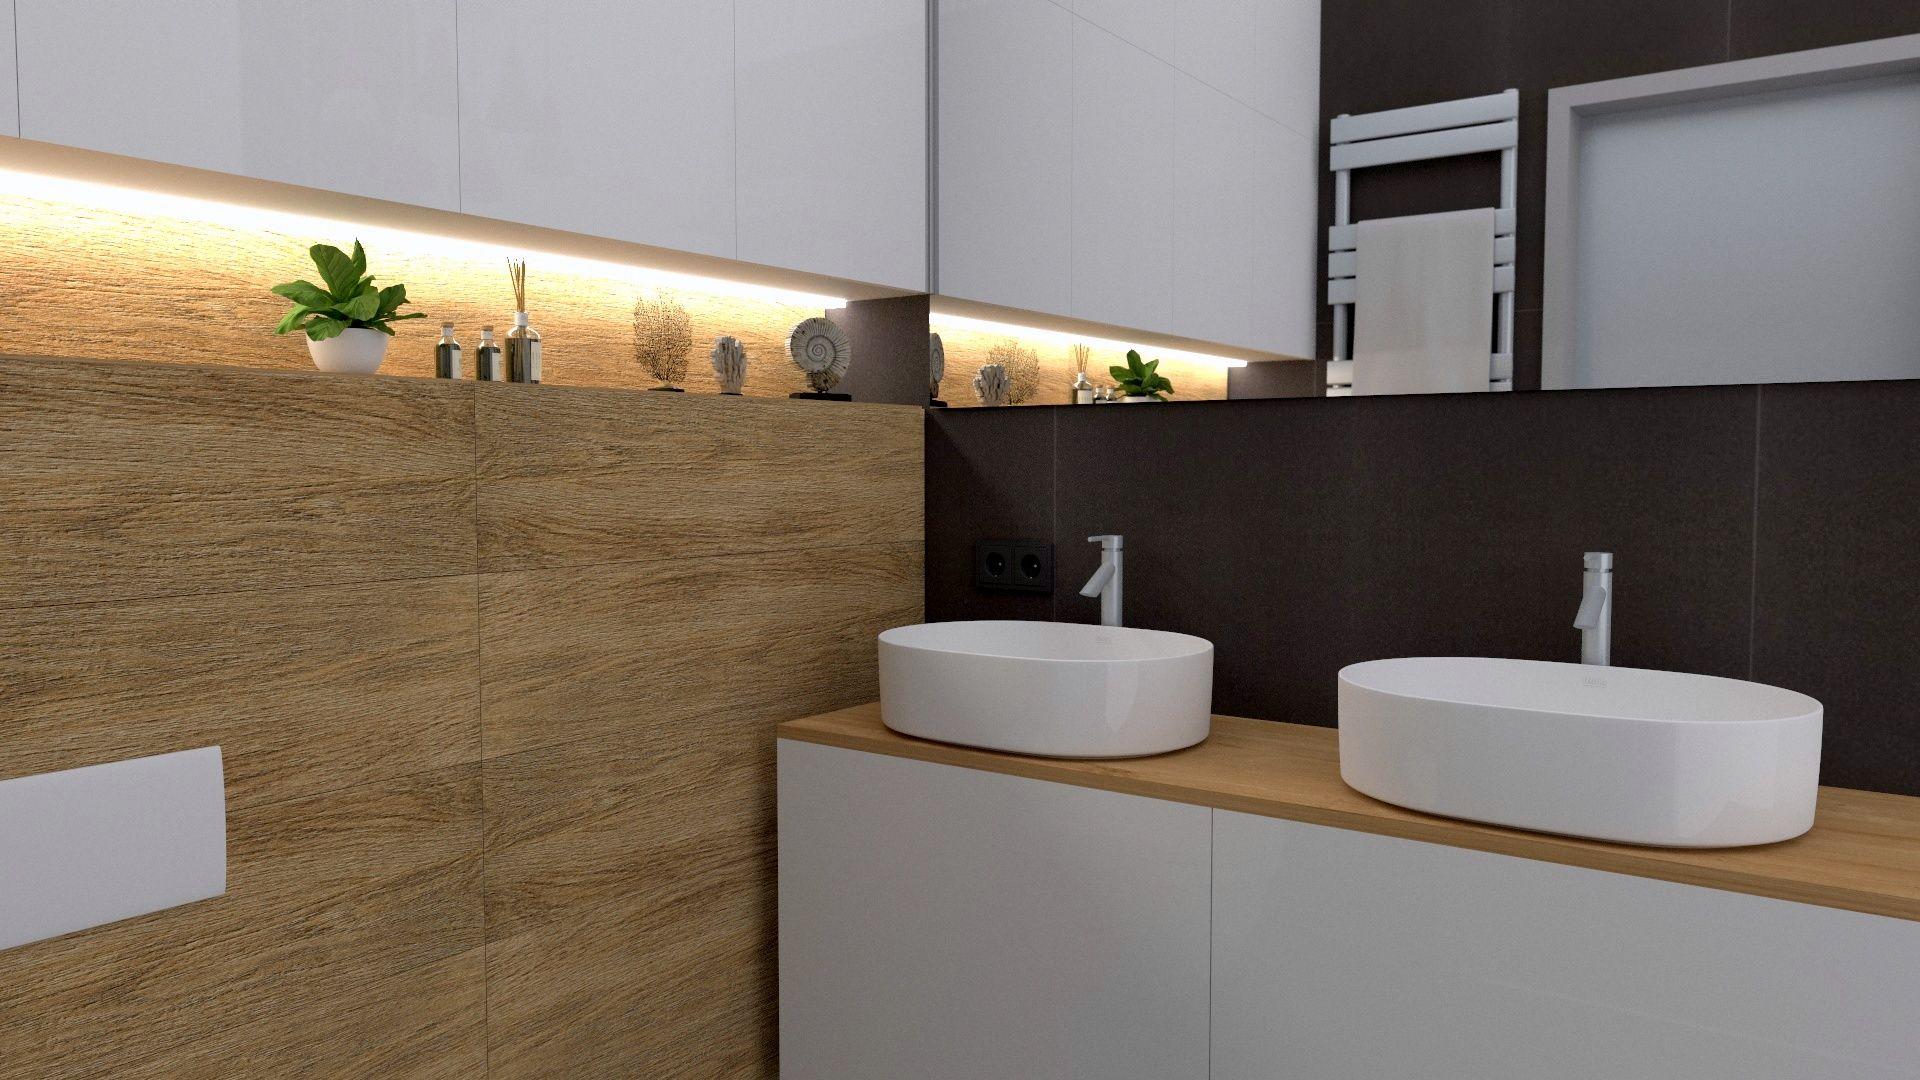 Łazienka drewno i biel, dwie umywalki | Łazienka ...